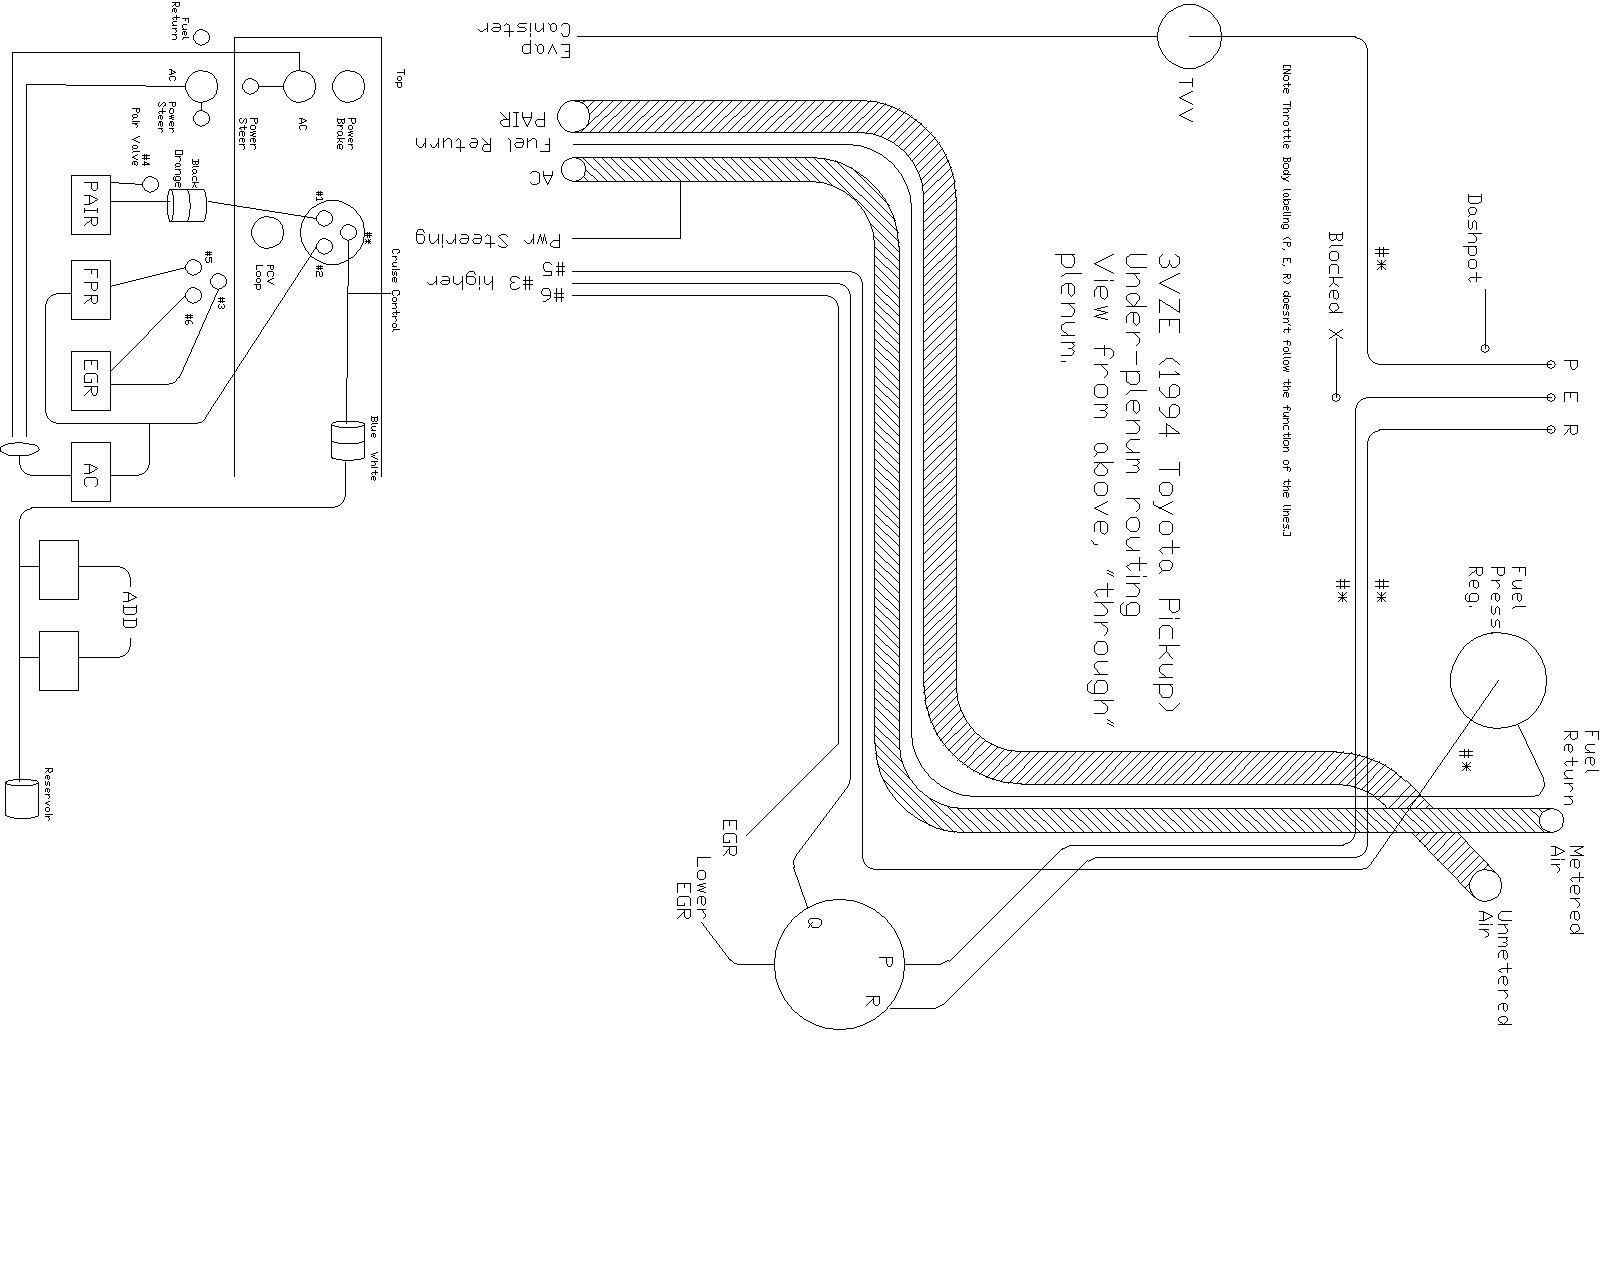 [KS_9142] For Allison 3000 Wiring Schematic Schematic Wiring